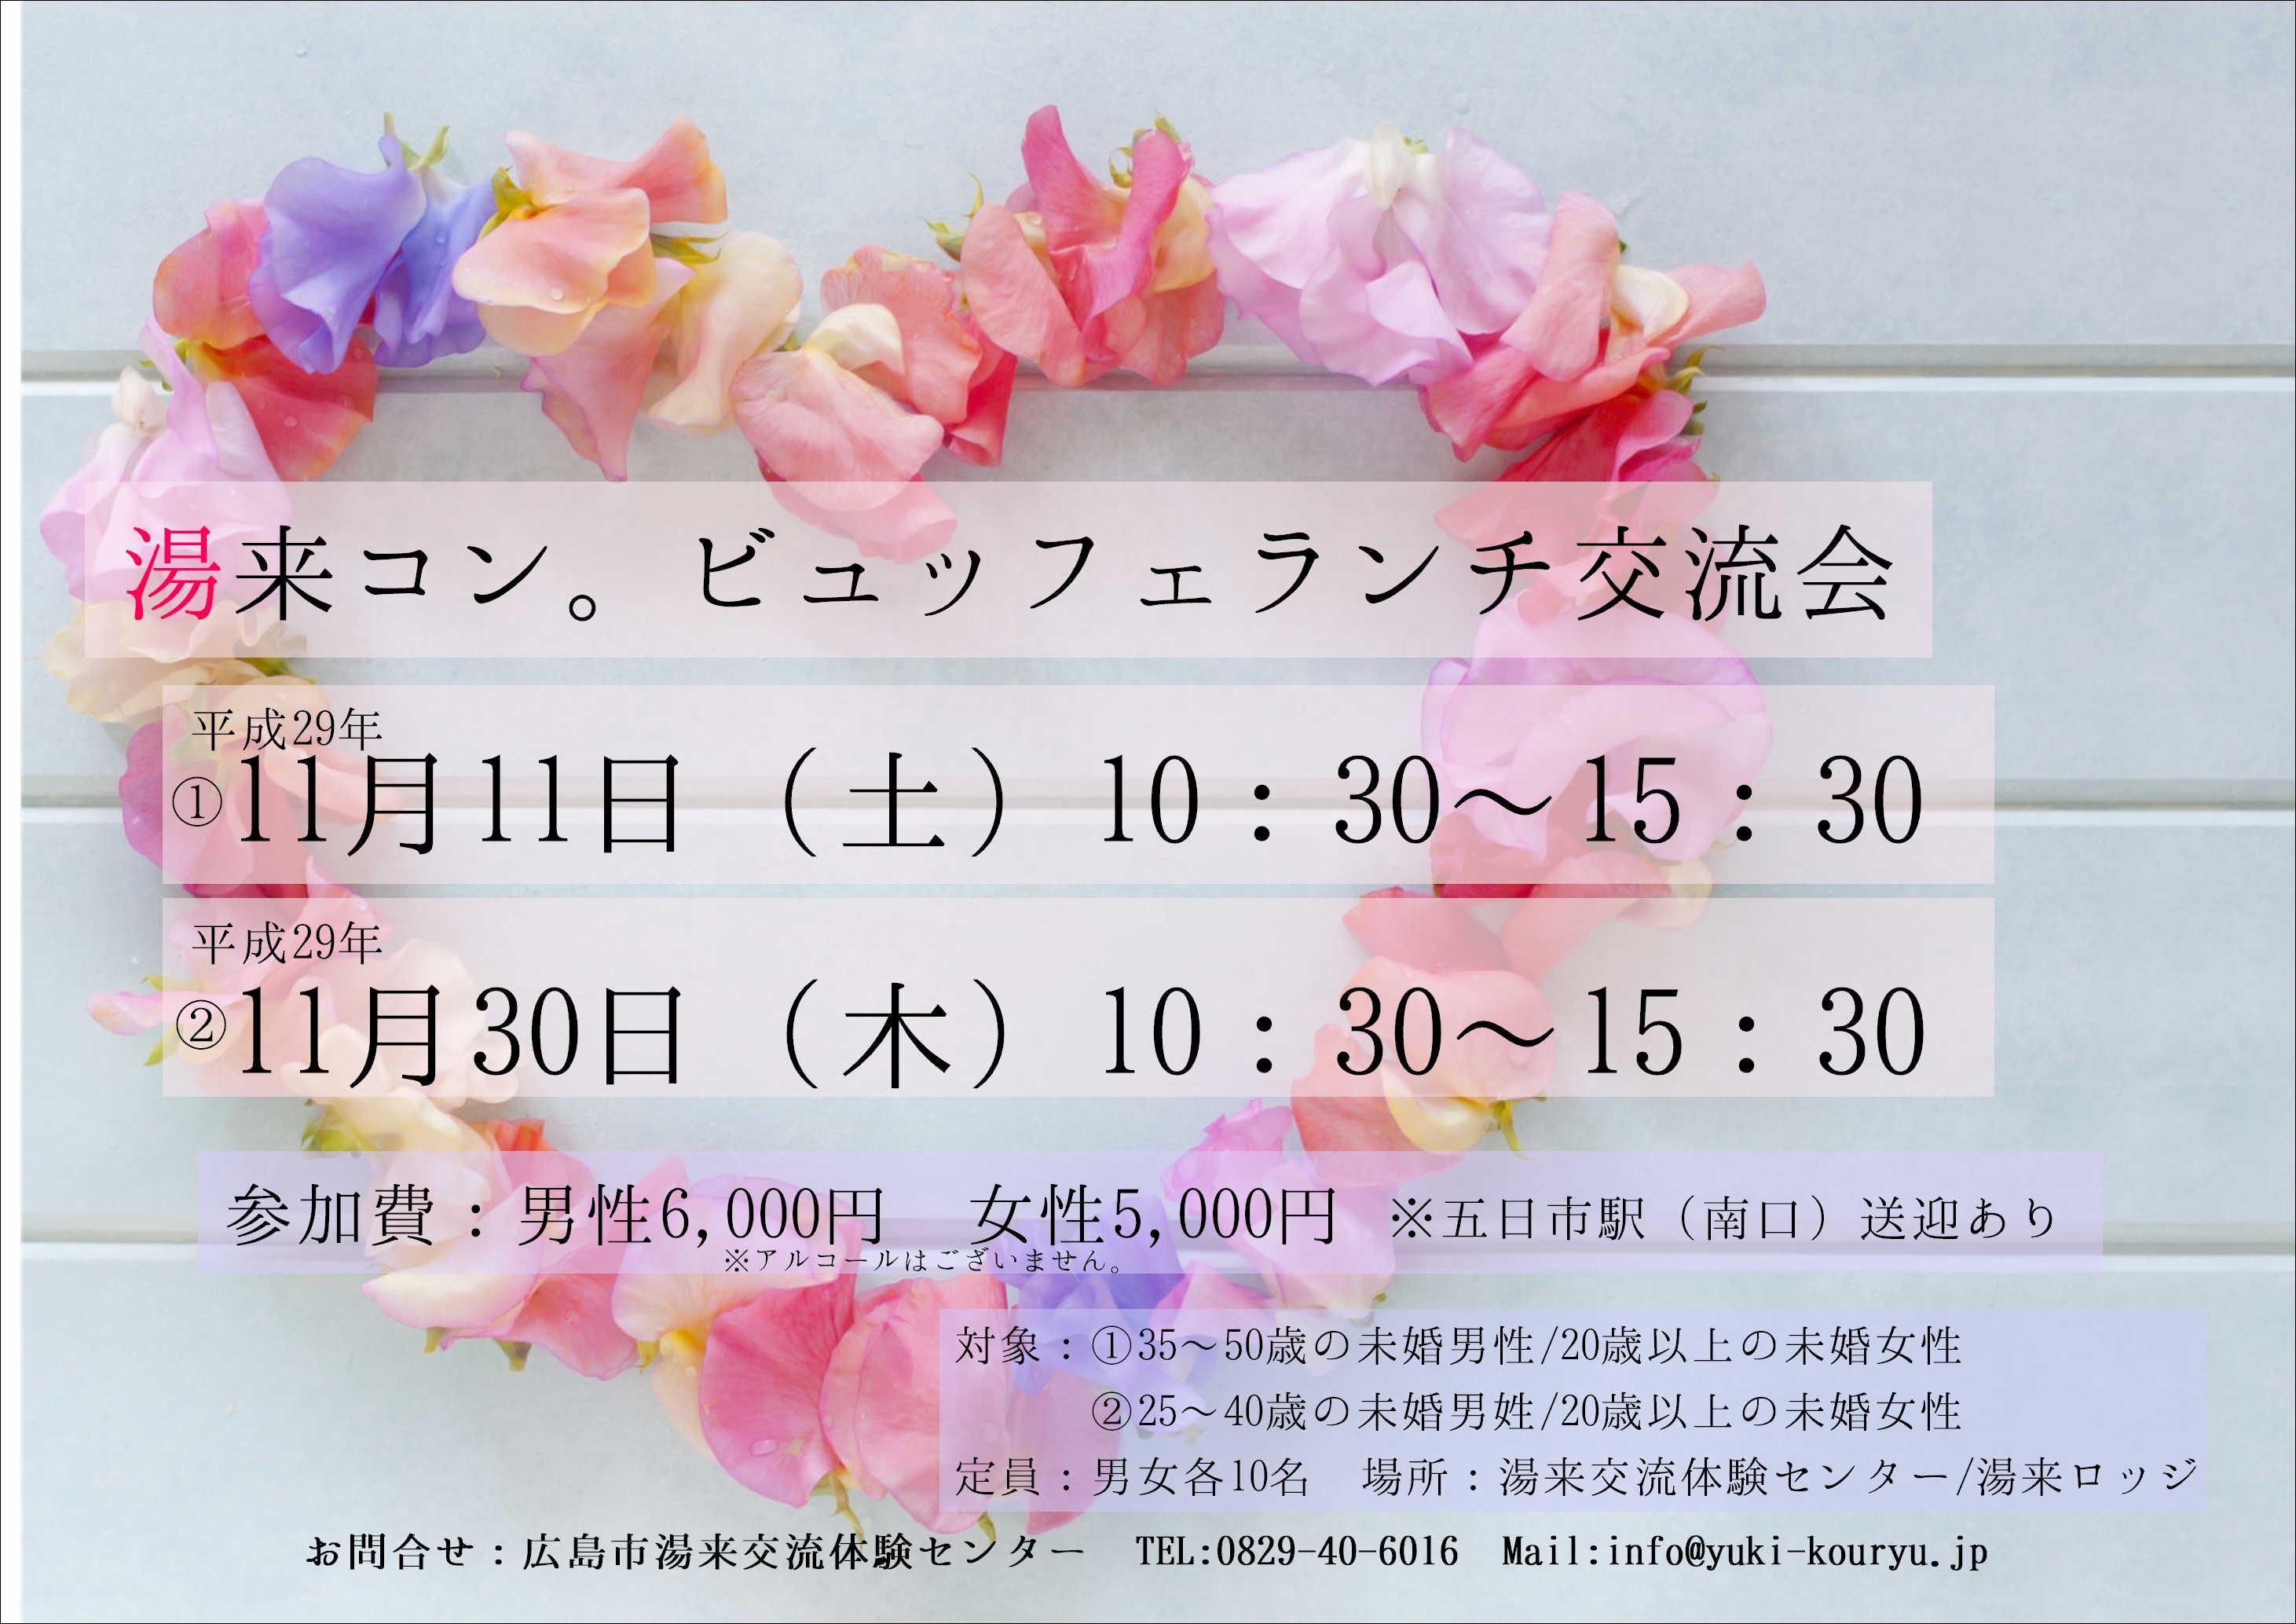 11月30日(木)の婚活パーティー・イベント情報一覧|ひろしま出会い ...